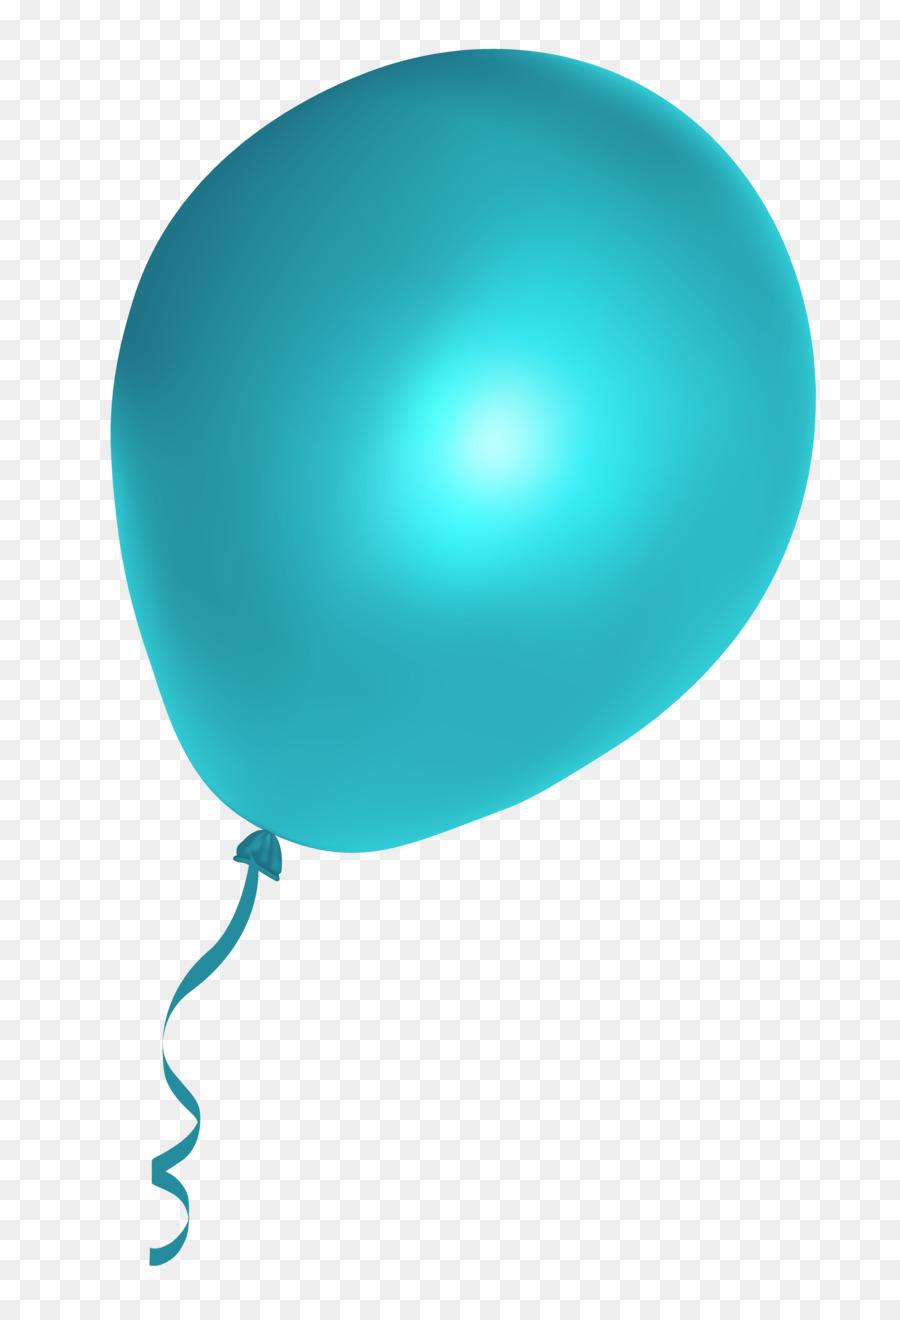 Картинки воздушного шарика для детей